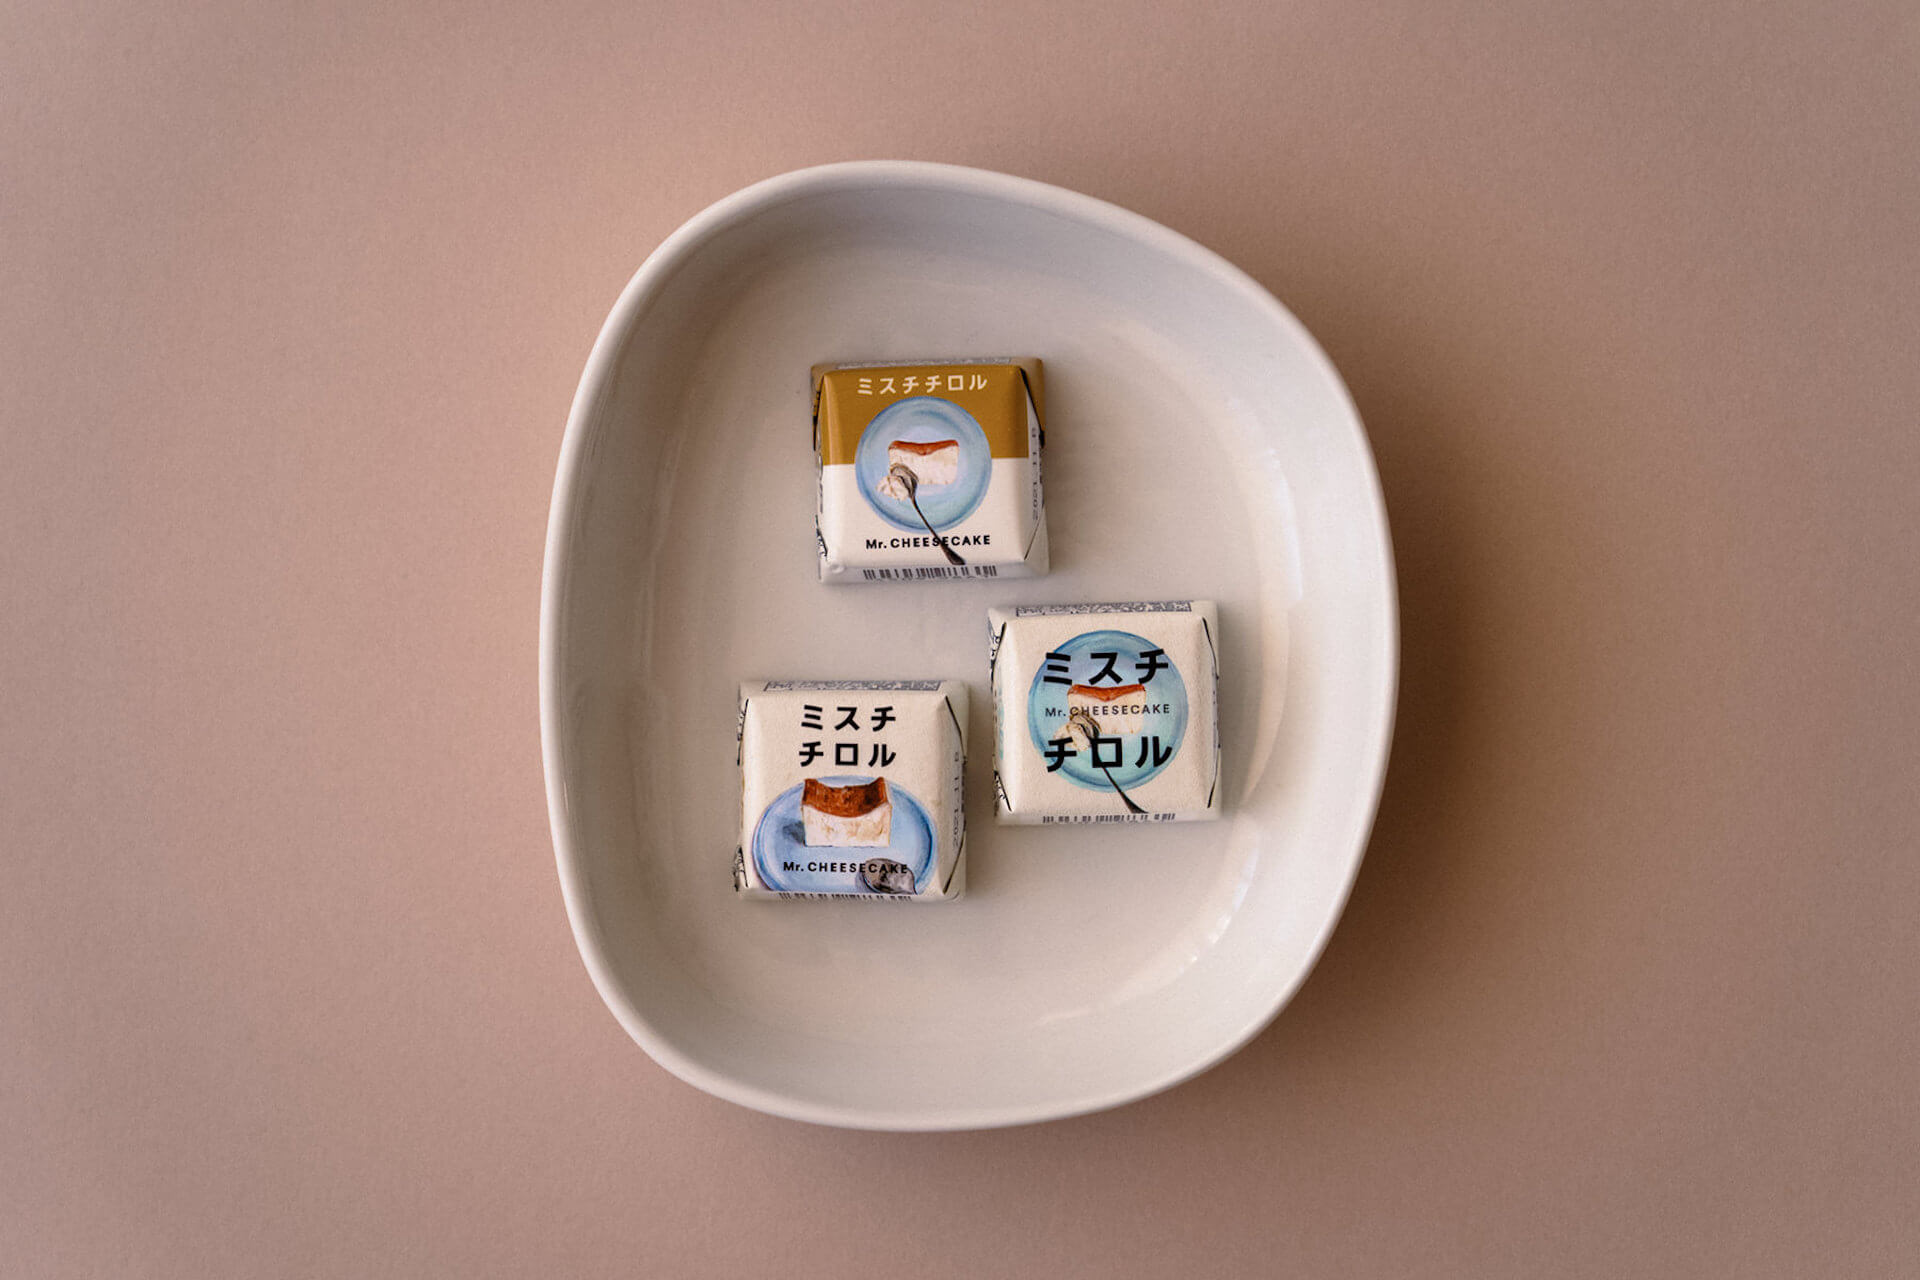 幻のチーズケーキMr. CHEESECAKEとチロルチョコが待望のコラボ!「人生最高のチーズケーキ」を再現したチロルチョコが数量限定で登場 gourmet201215_mecheesecake_chiroru_3